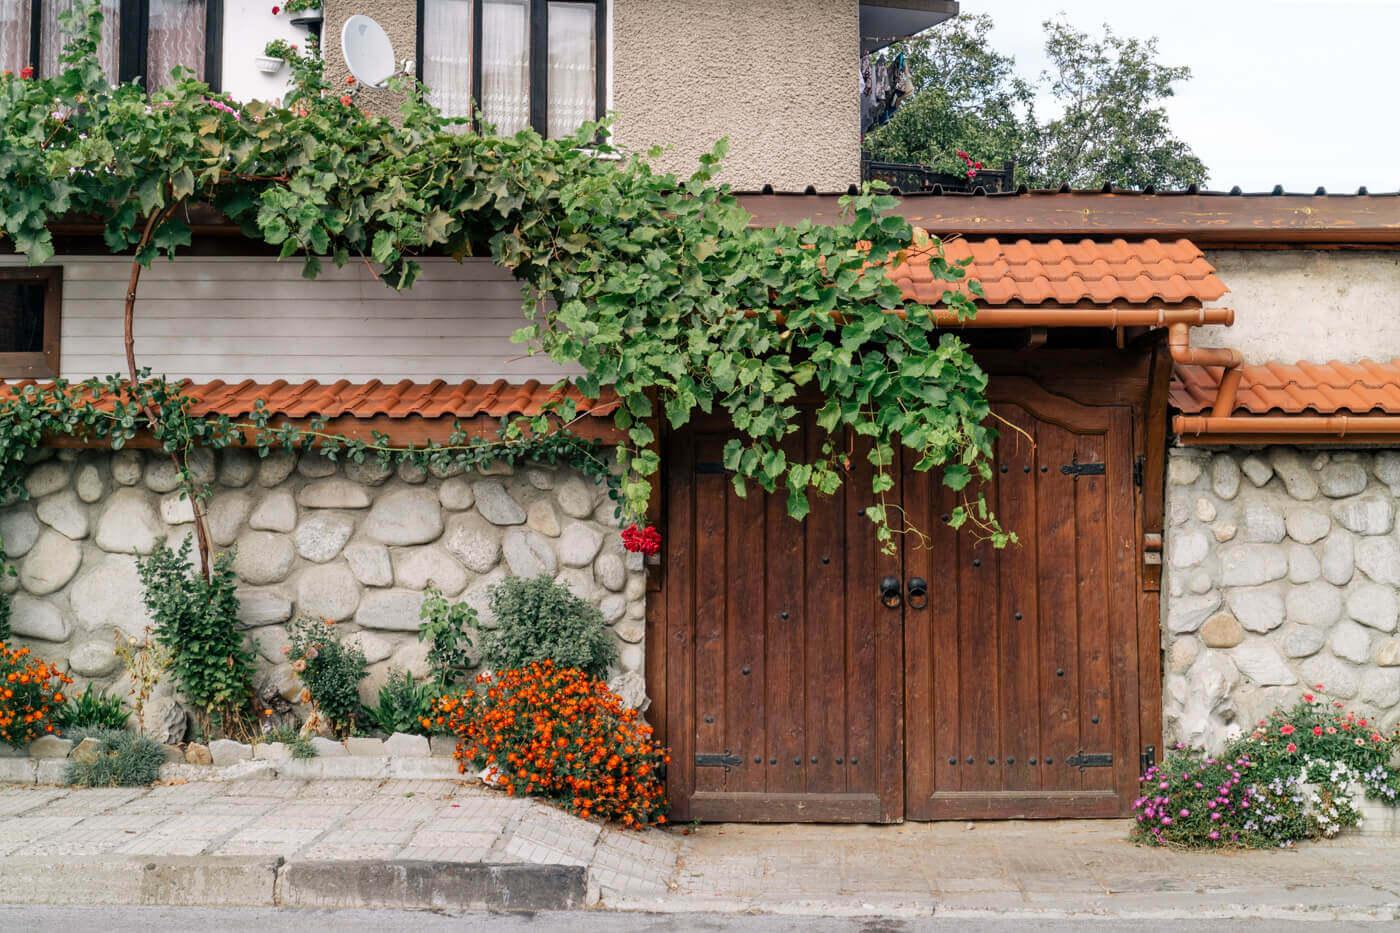 可愛らしい外見の田舎の家々